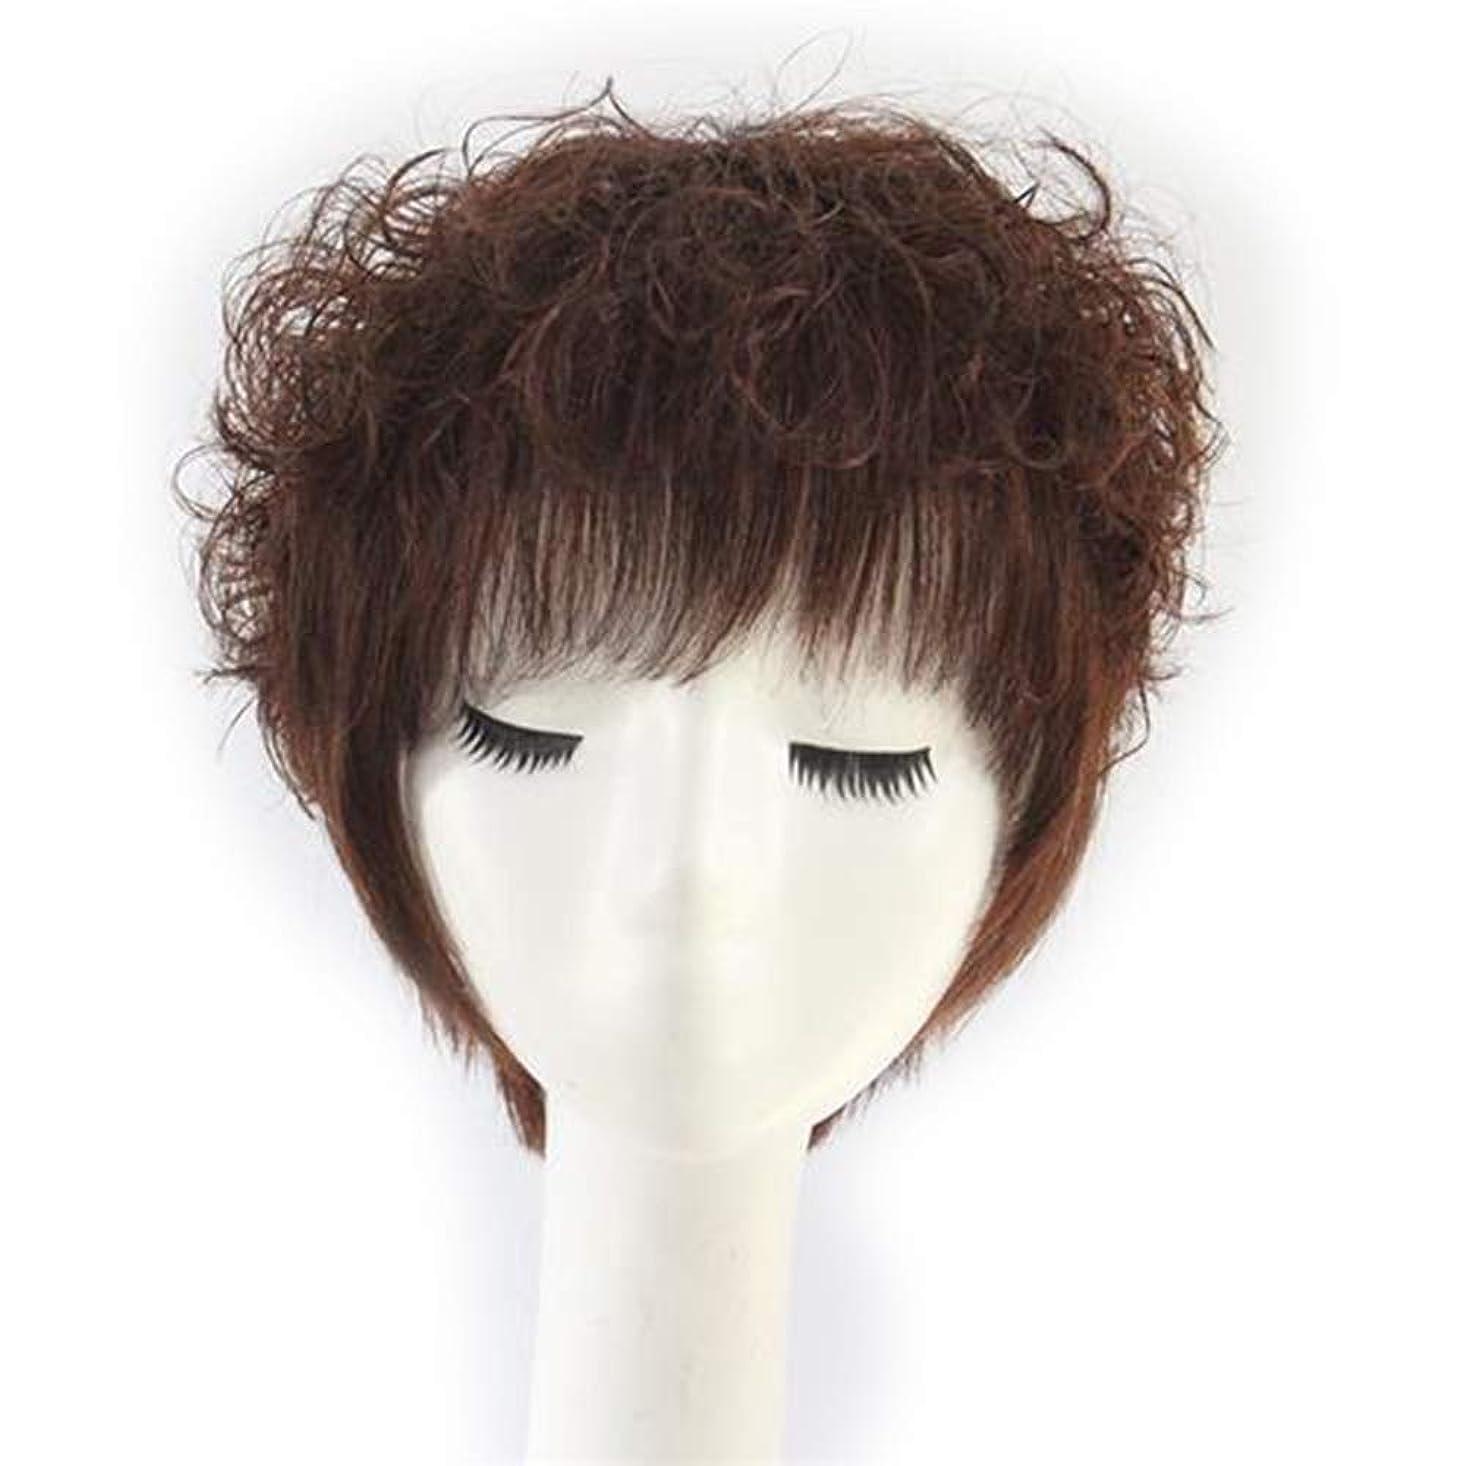 眠る締め切り細いMayalina 本物の人間の髪の毛の女性短い巻き毛の耐熱フルかつら中年のかつらファッションかつら (色 : Dark brown)